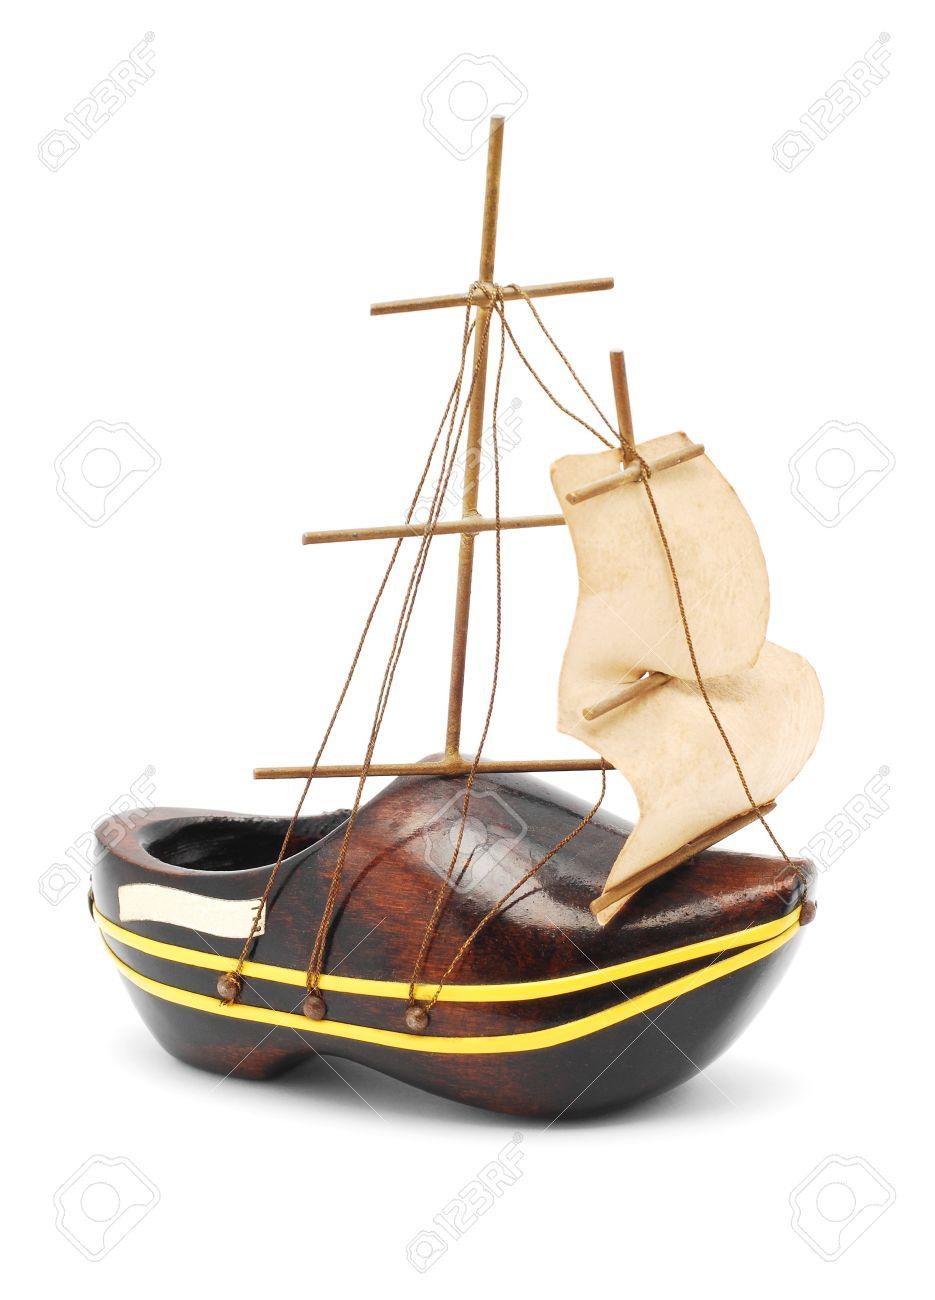 15024922-Souvenir-Holzschuh-Boot-auf-wei